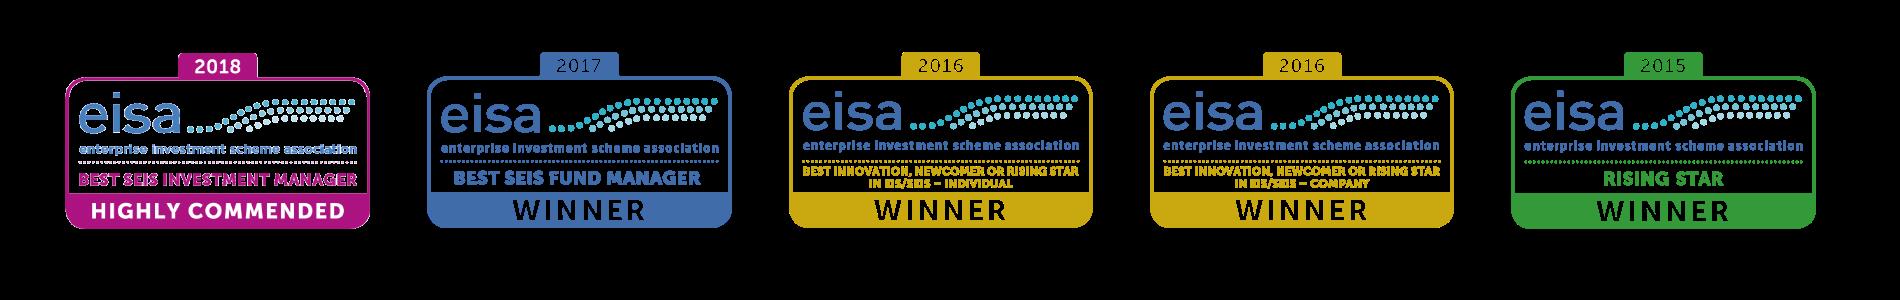 EISA Awards 3